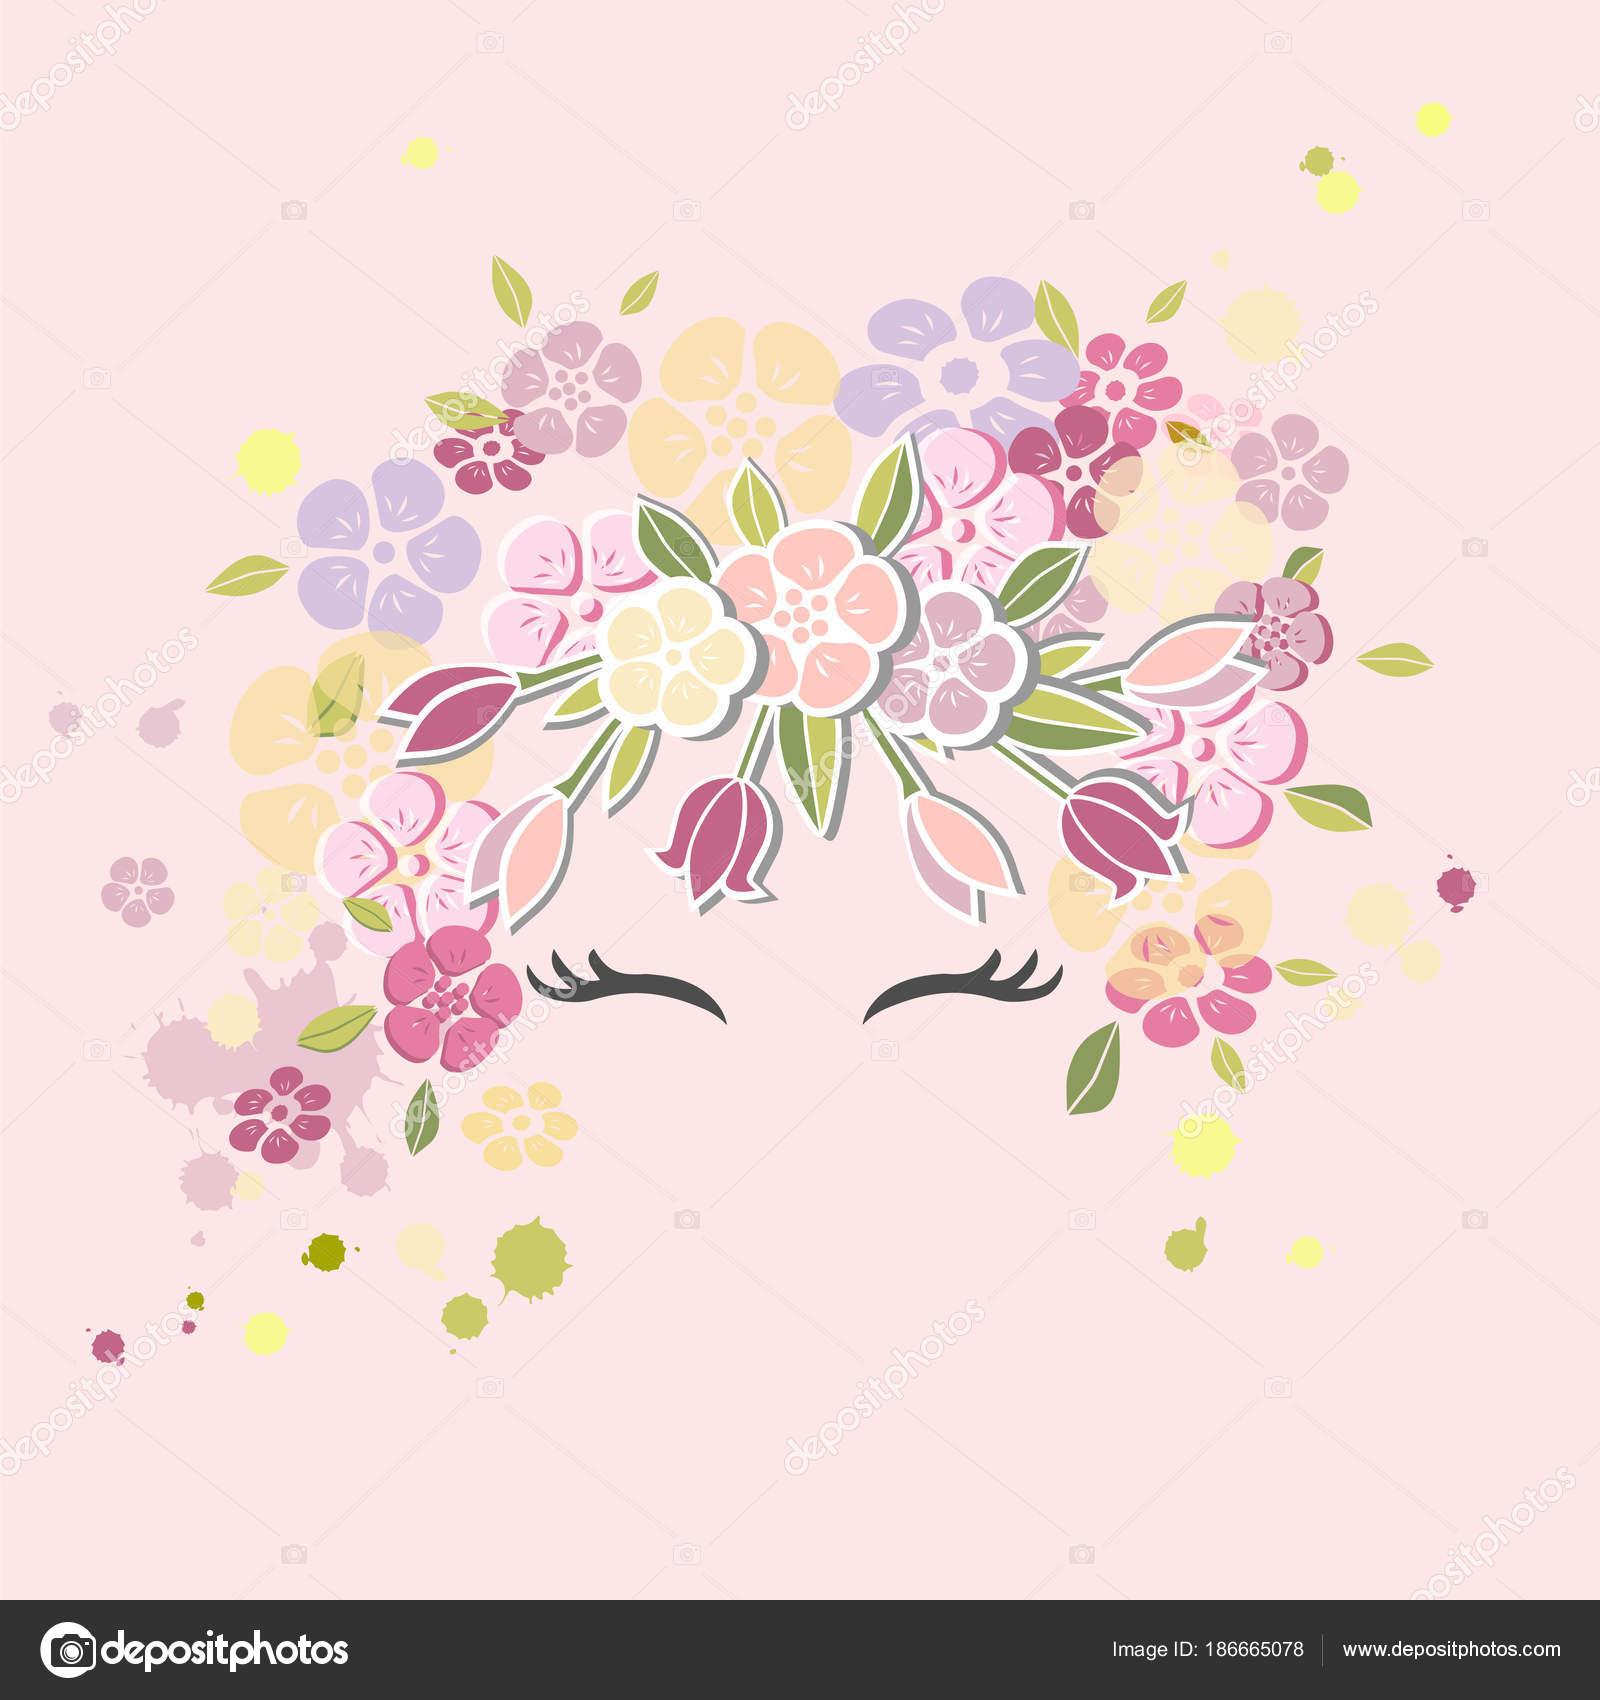 女の子の笑顔と花の花輪を持つベクトル イラスト 暖かい季節はがき 女性